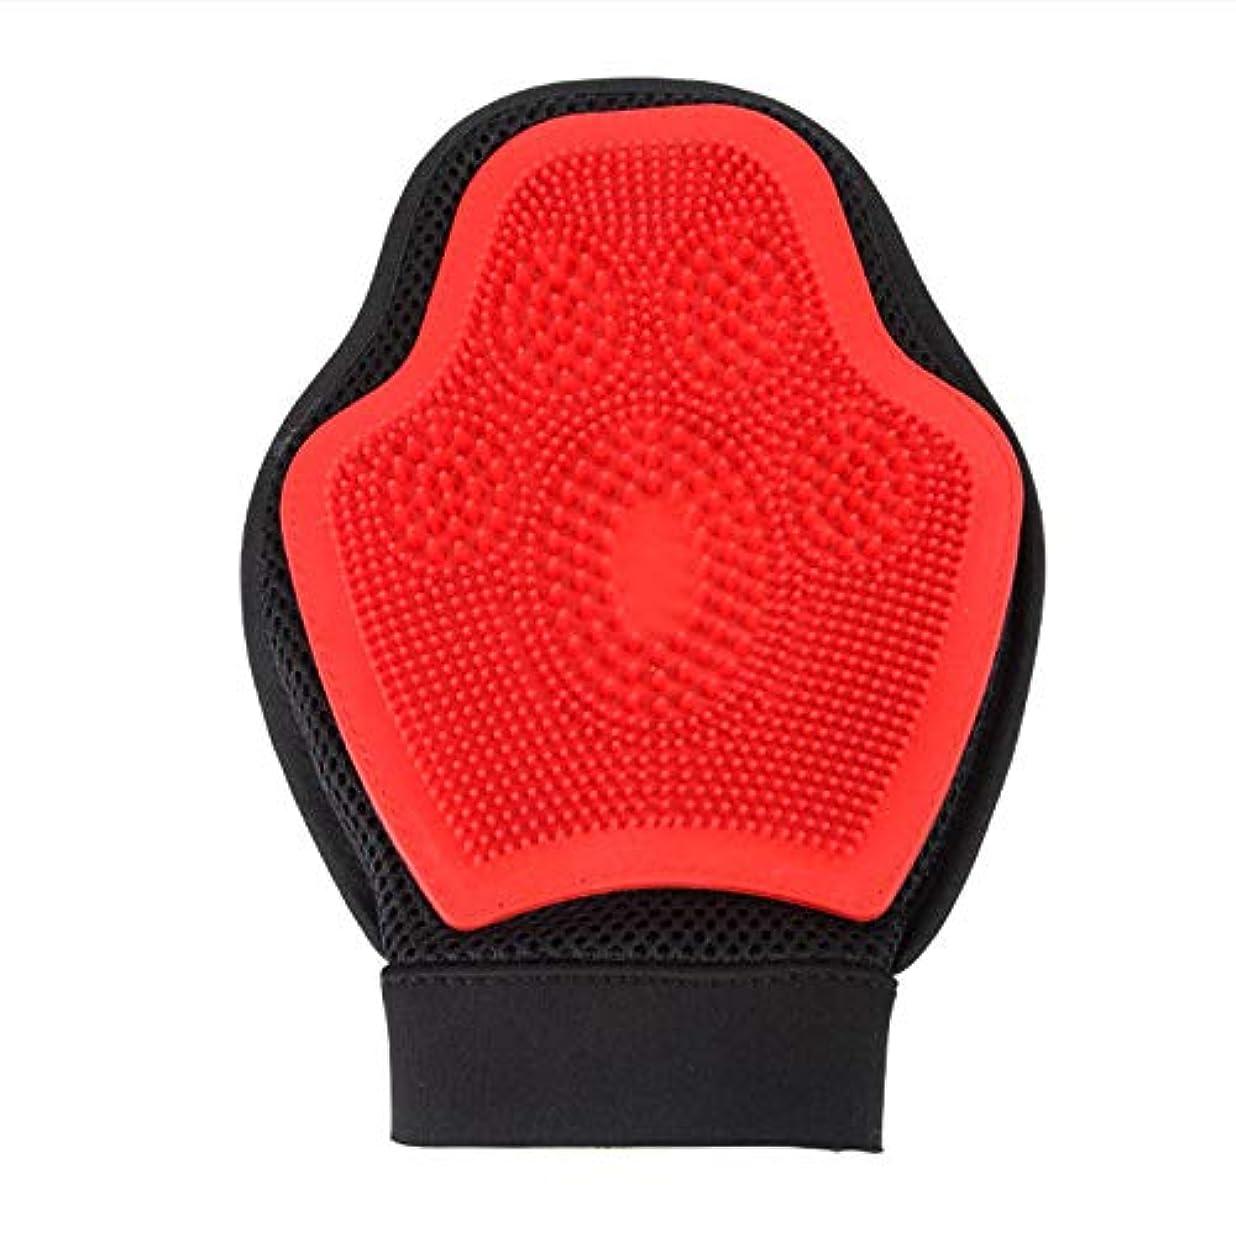 くすぐったいかどうか予定BTXXYJP 手袋 ペット ブラシ グローブ 猫 ブラシ クリーナー 抜け毛取り ブラッシング マッサージブラシ 犬 グローブ ペット毛取りブラシ お手入れ (Color : Red, Size : L)